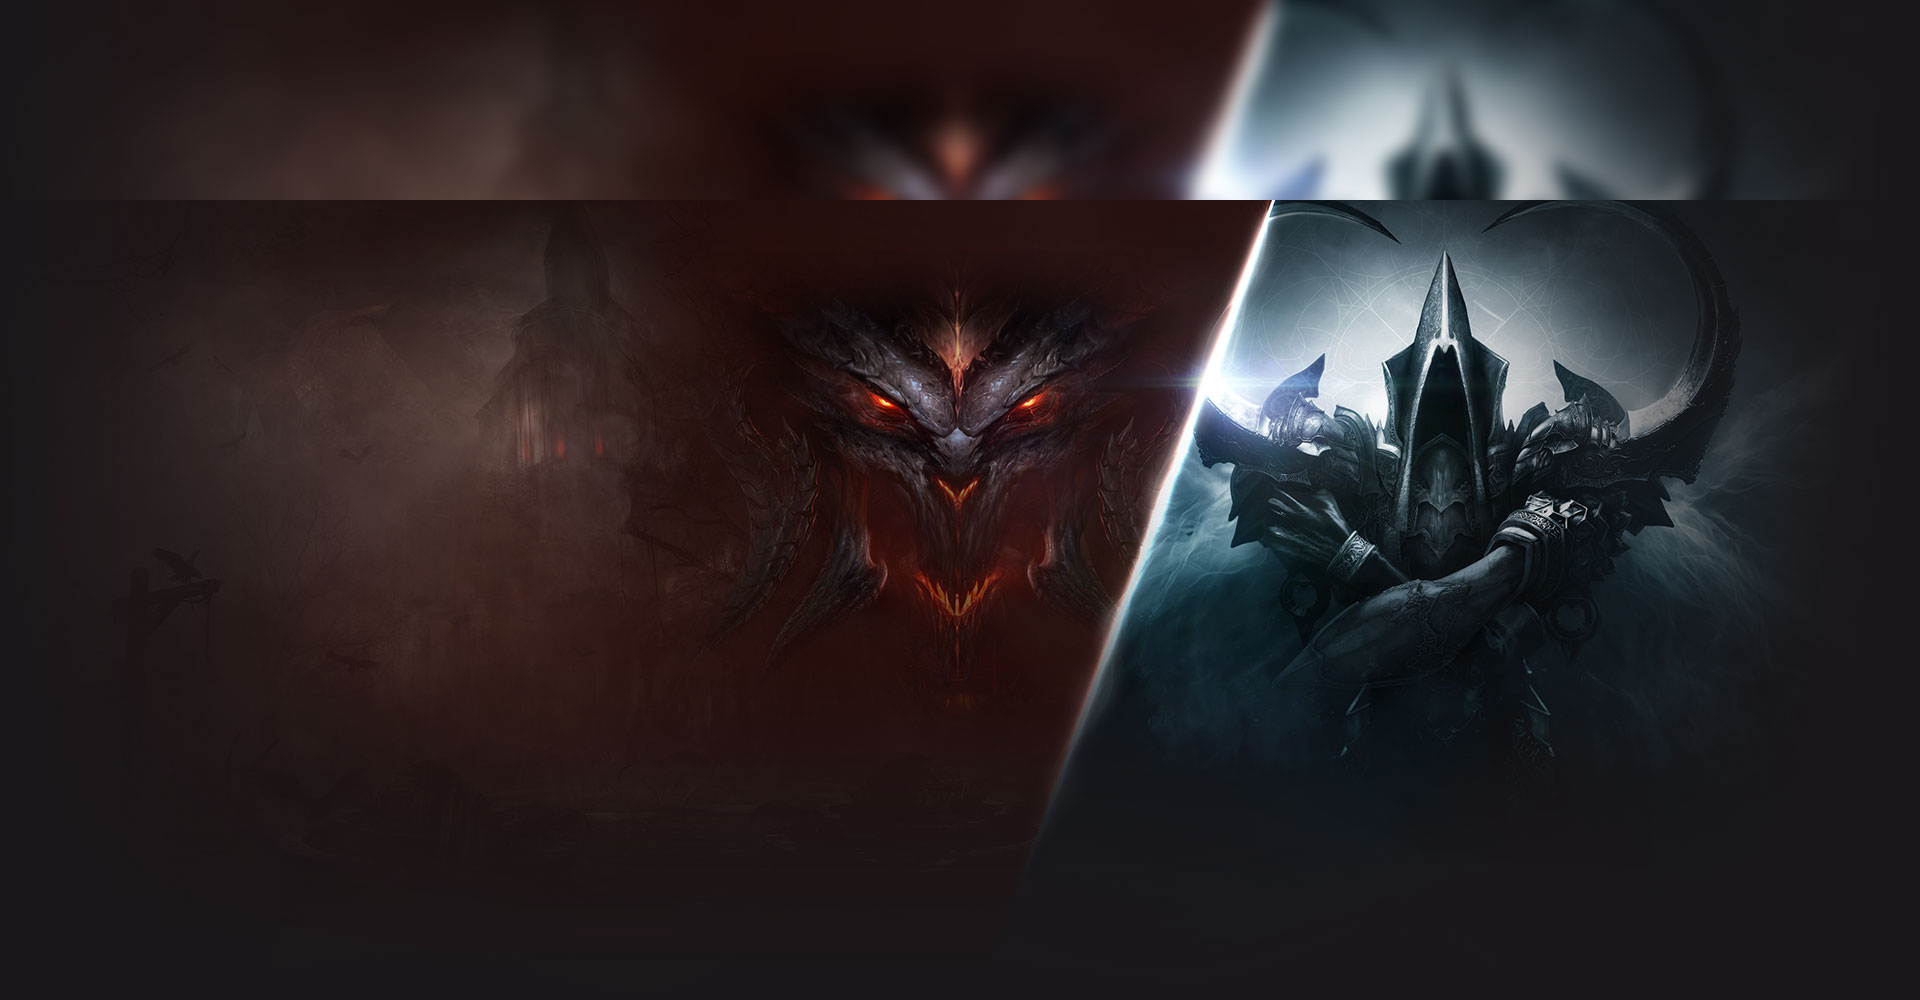 """Diablo 3: die """"Battlechest"""" vereint Grundspiel und Addon zum günstigen Preis"""